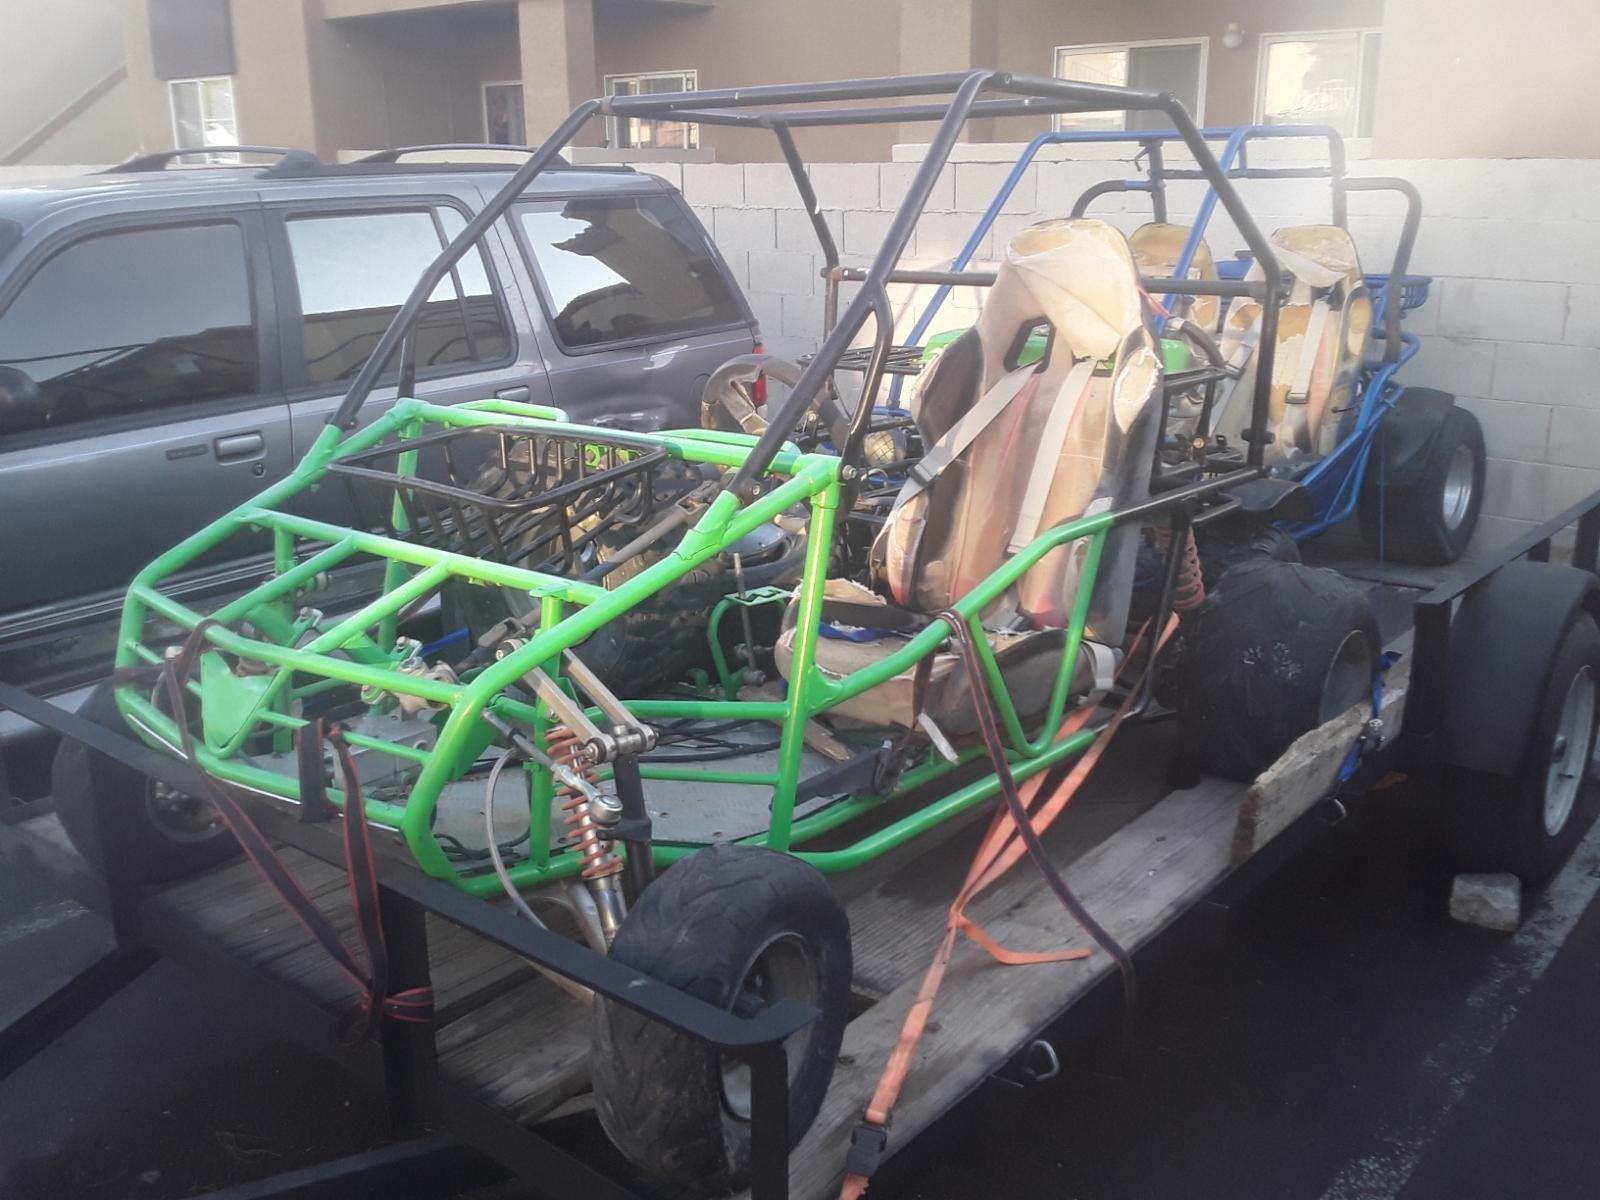 Green Doom Buggy